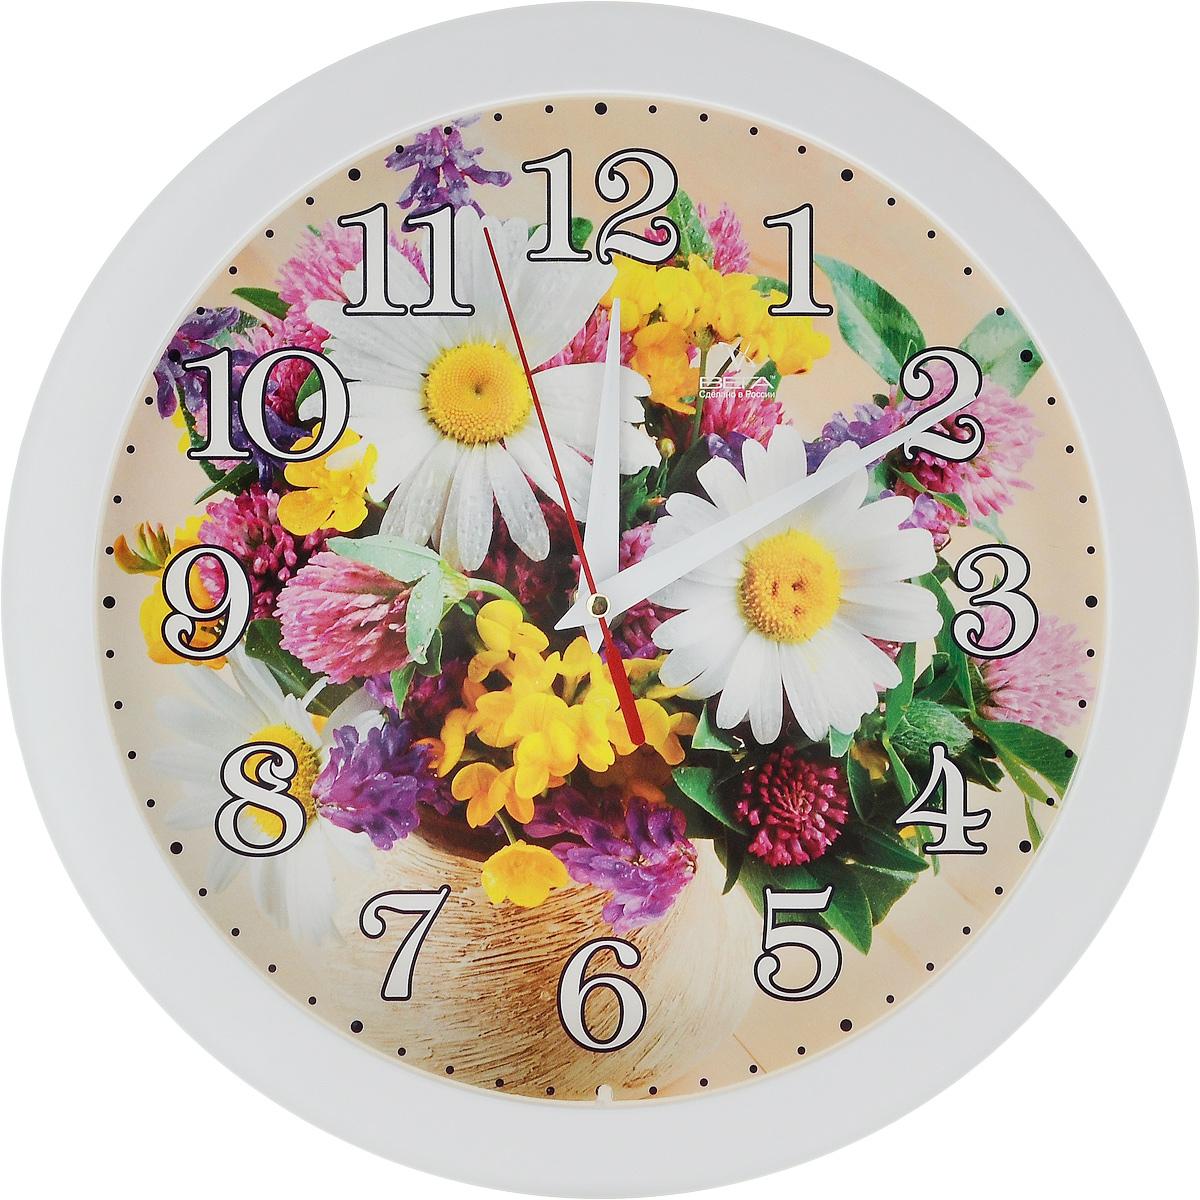 Часы настенные Вега Маринина радость, диаметр 28,5 смП1-241/6-241Настенные кварцевые часы Вега Маринина радость, изготовленные из пластика, прекрасно впишутся в интерьер вашего дома. Часы имеют три стрелки: часовую, минутную и секундную, циферблат защищен прозрачным стеклом. Часы работают от 1 батарейки типа АА напряжением 1,5 В (не входит в комплект).Диаметр часов: 28,5 см.